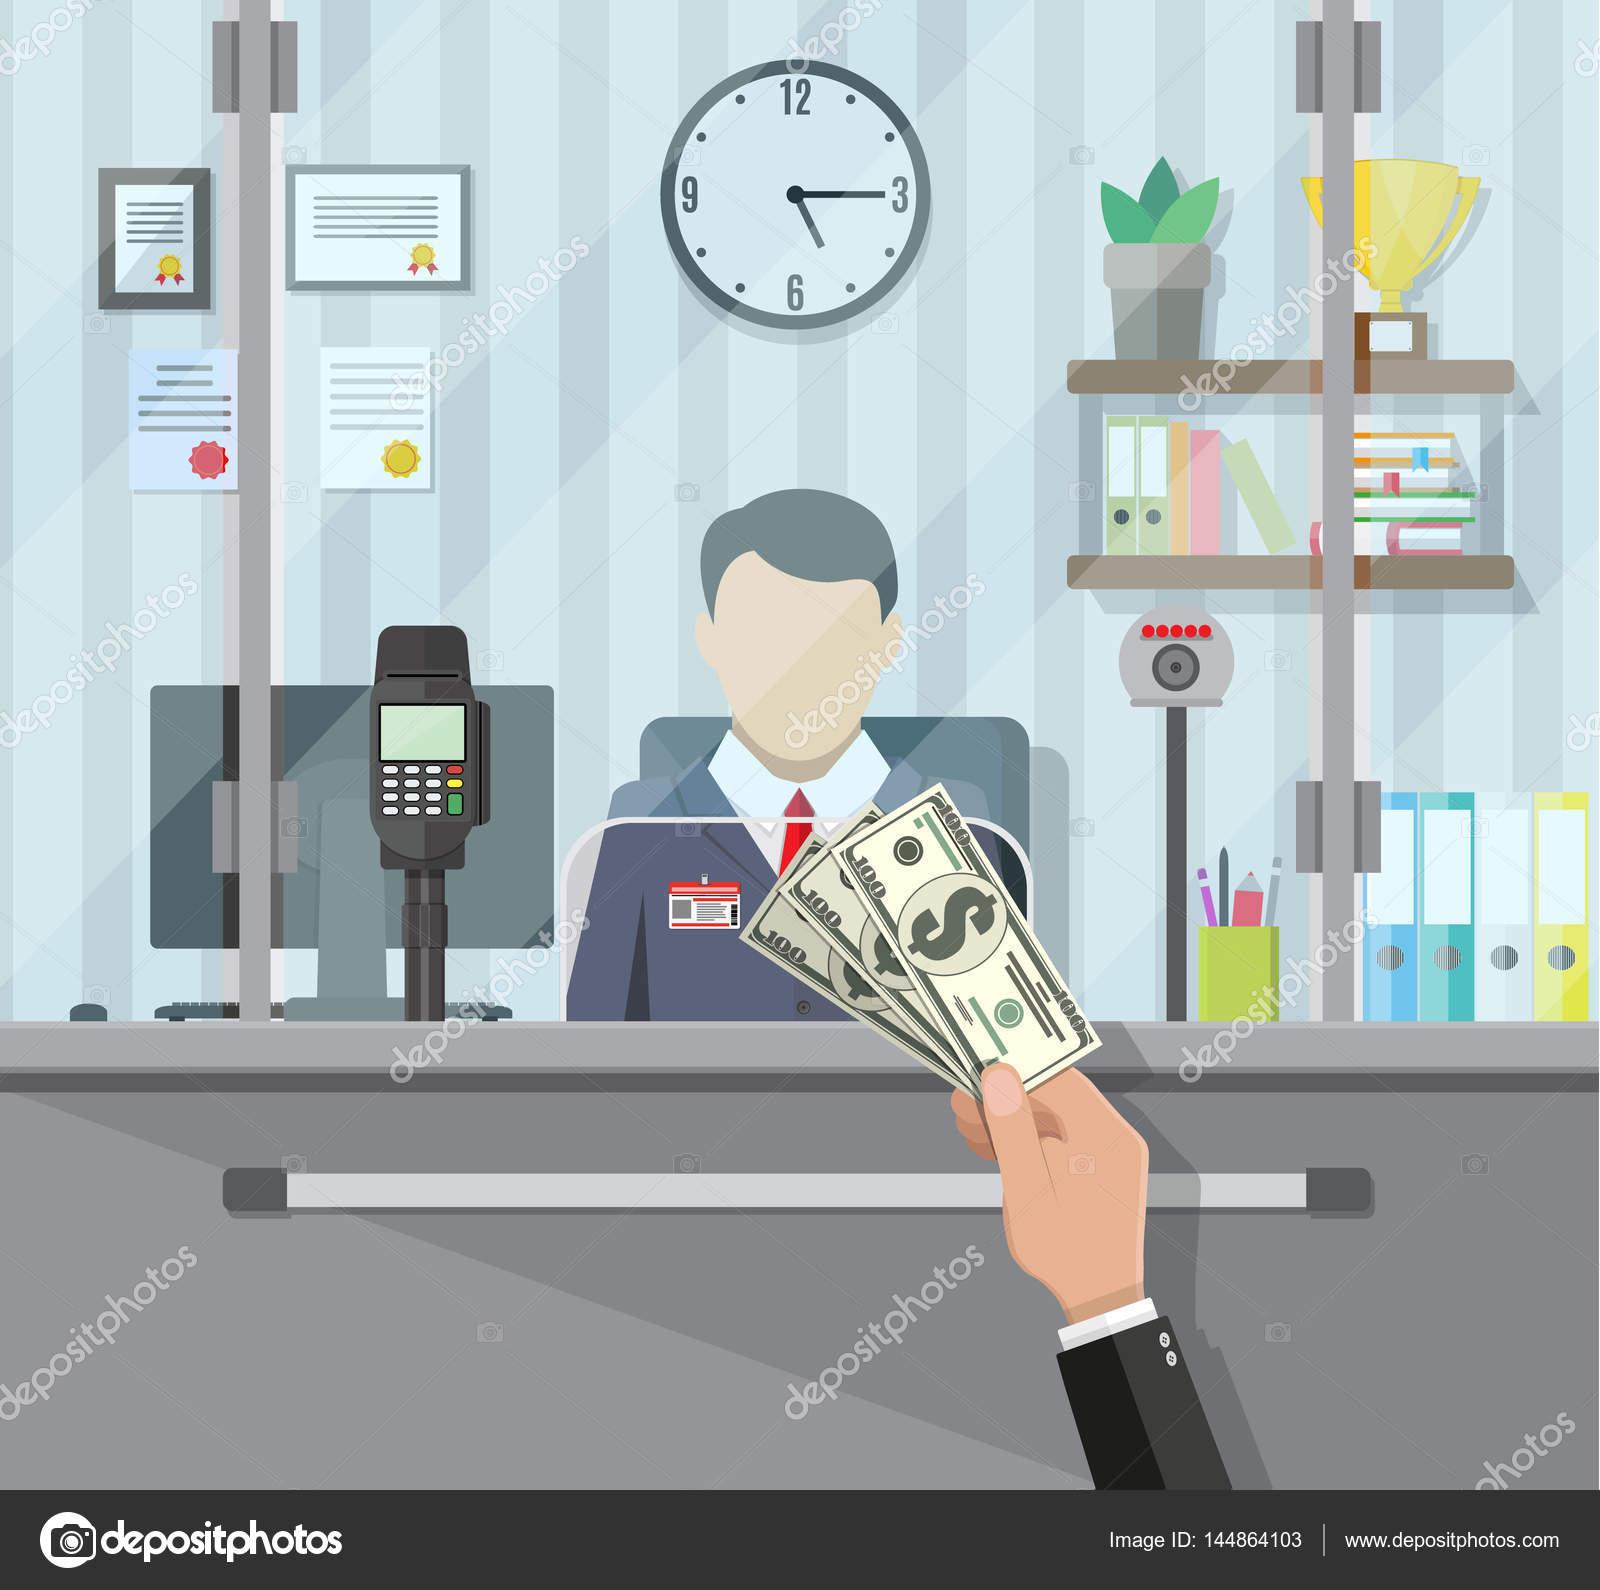 Cajero banco detr s de la ventana archivo im genes for Cajeros banco santander para ingresar dinero